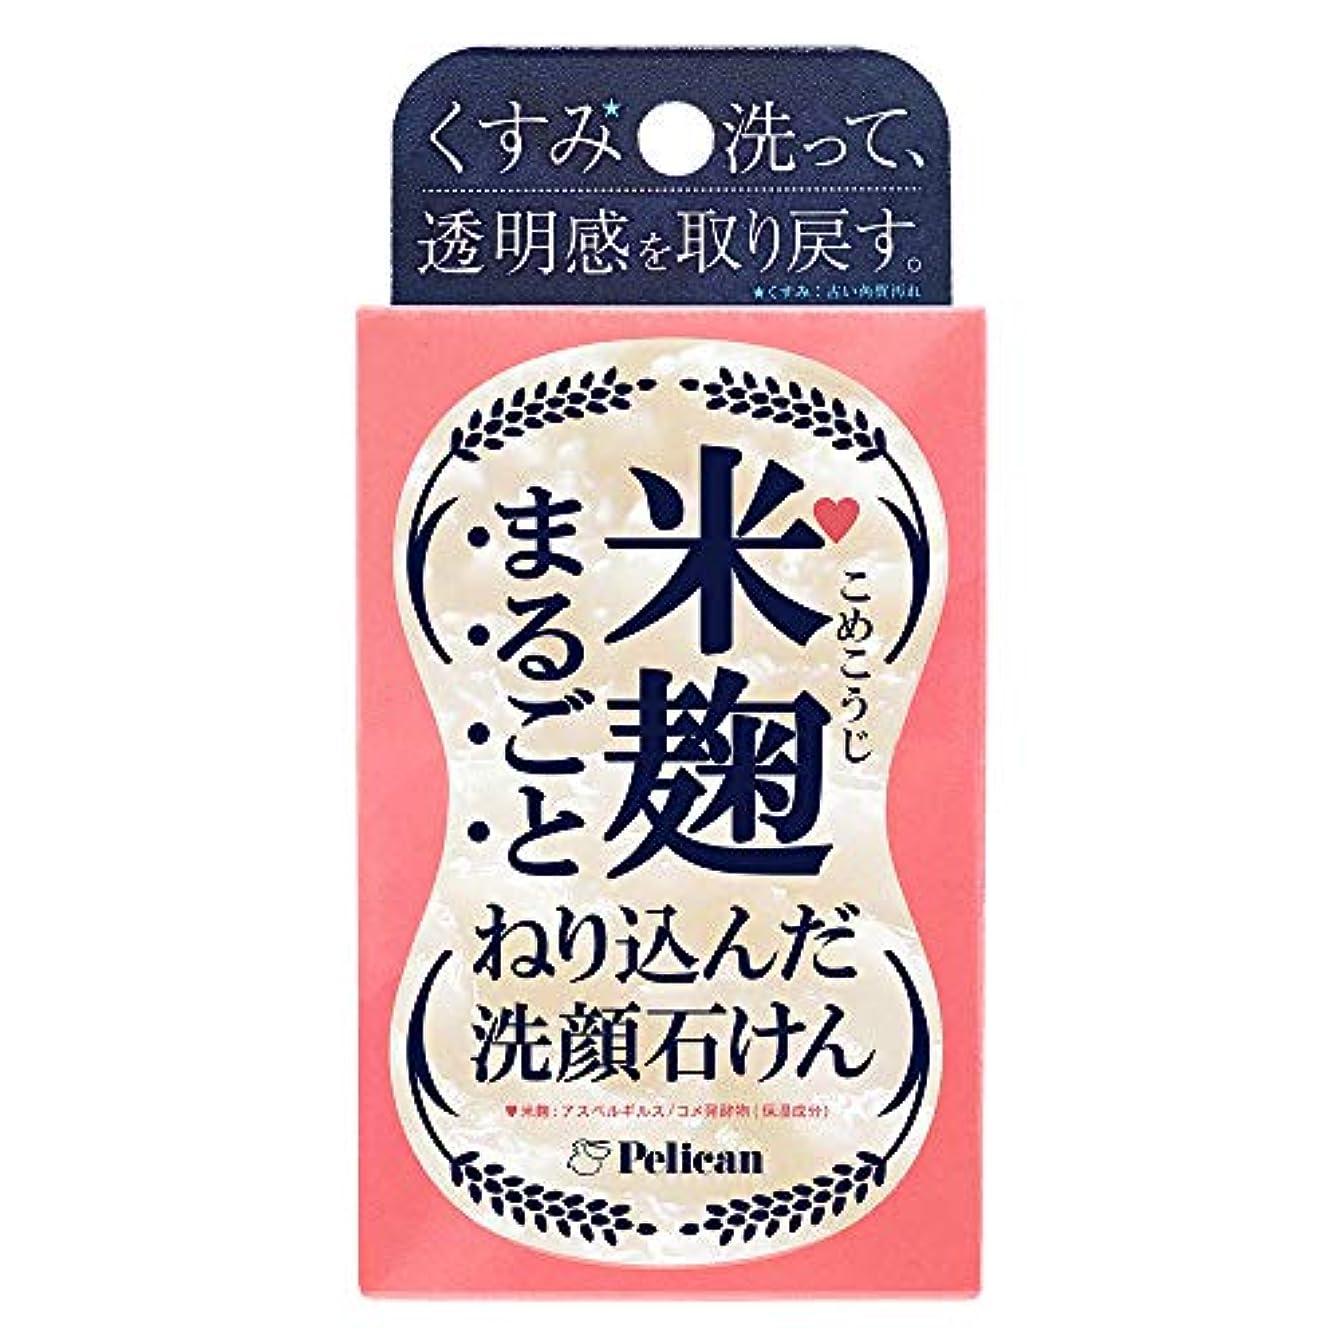 に渡ってバッジ排泄するペリカン石鹸 米麹まるごとねり込んだ洗顔石けん 75g